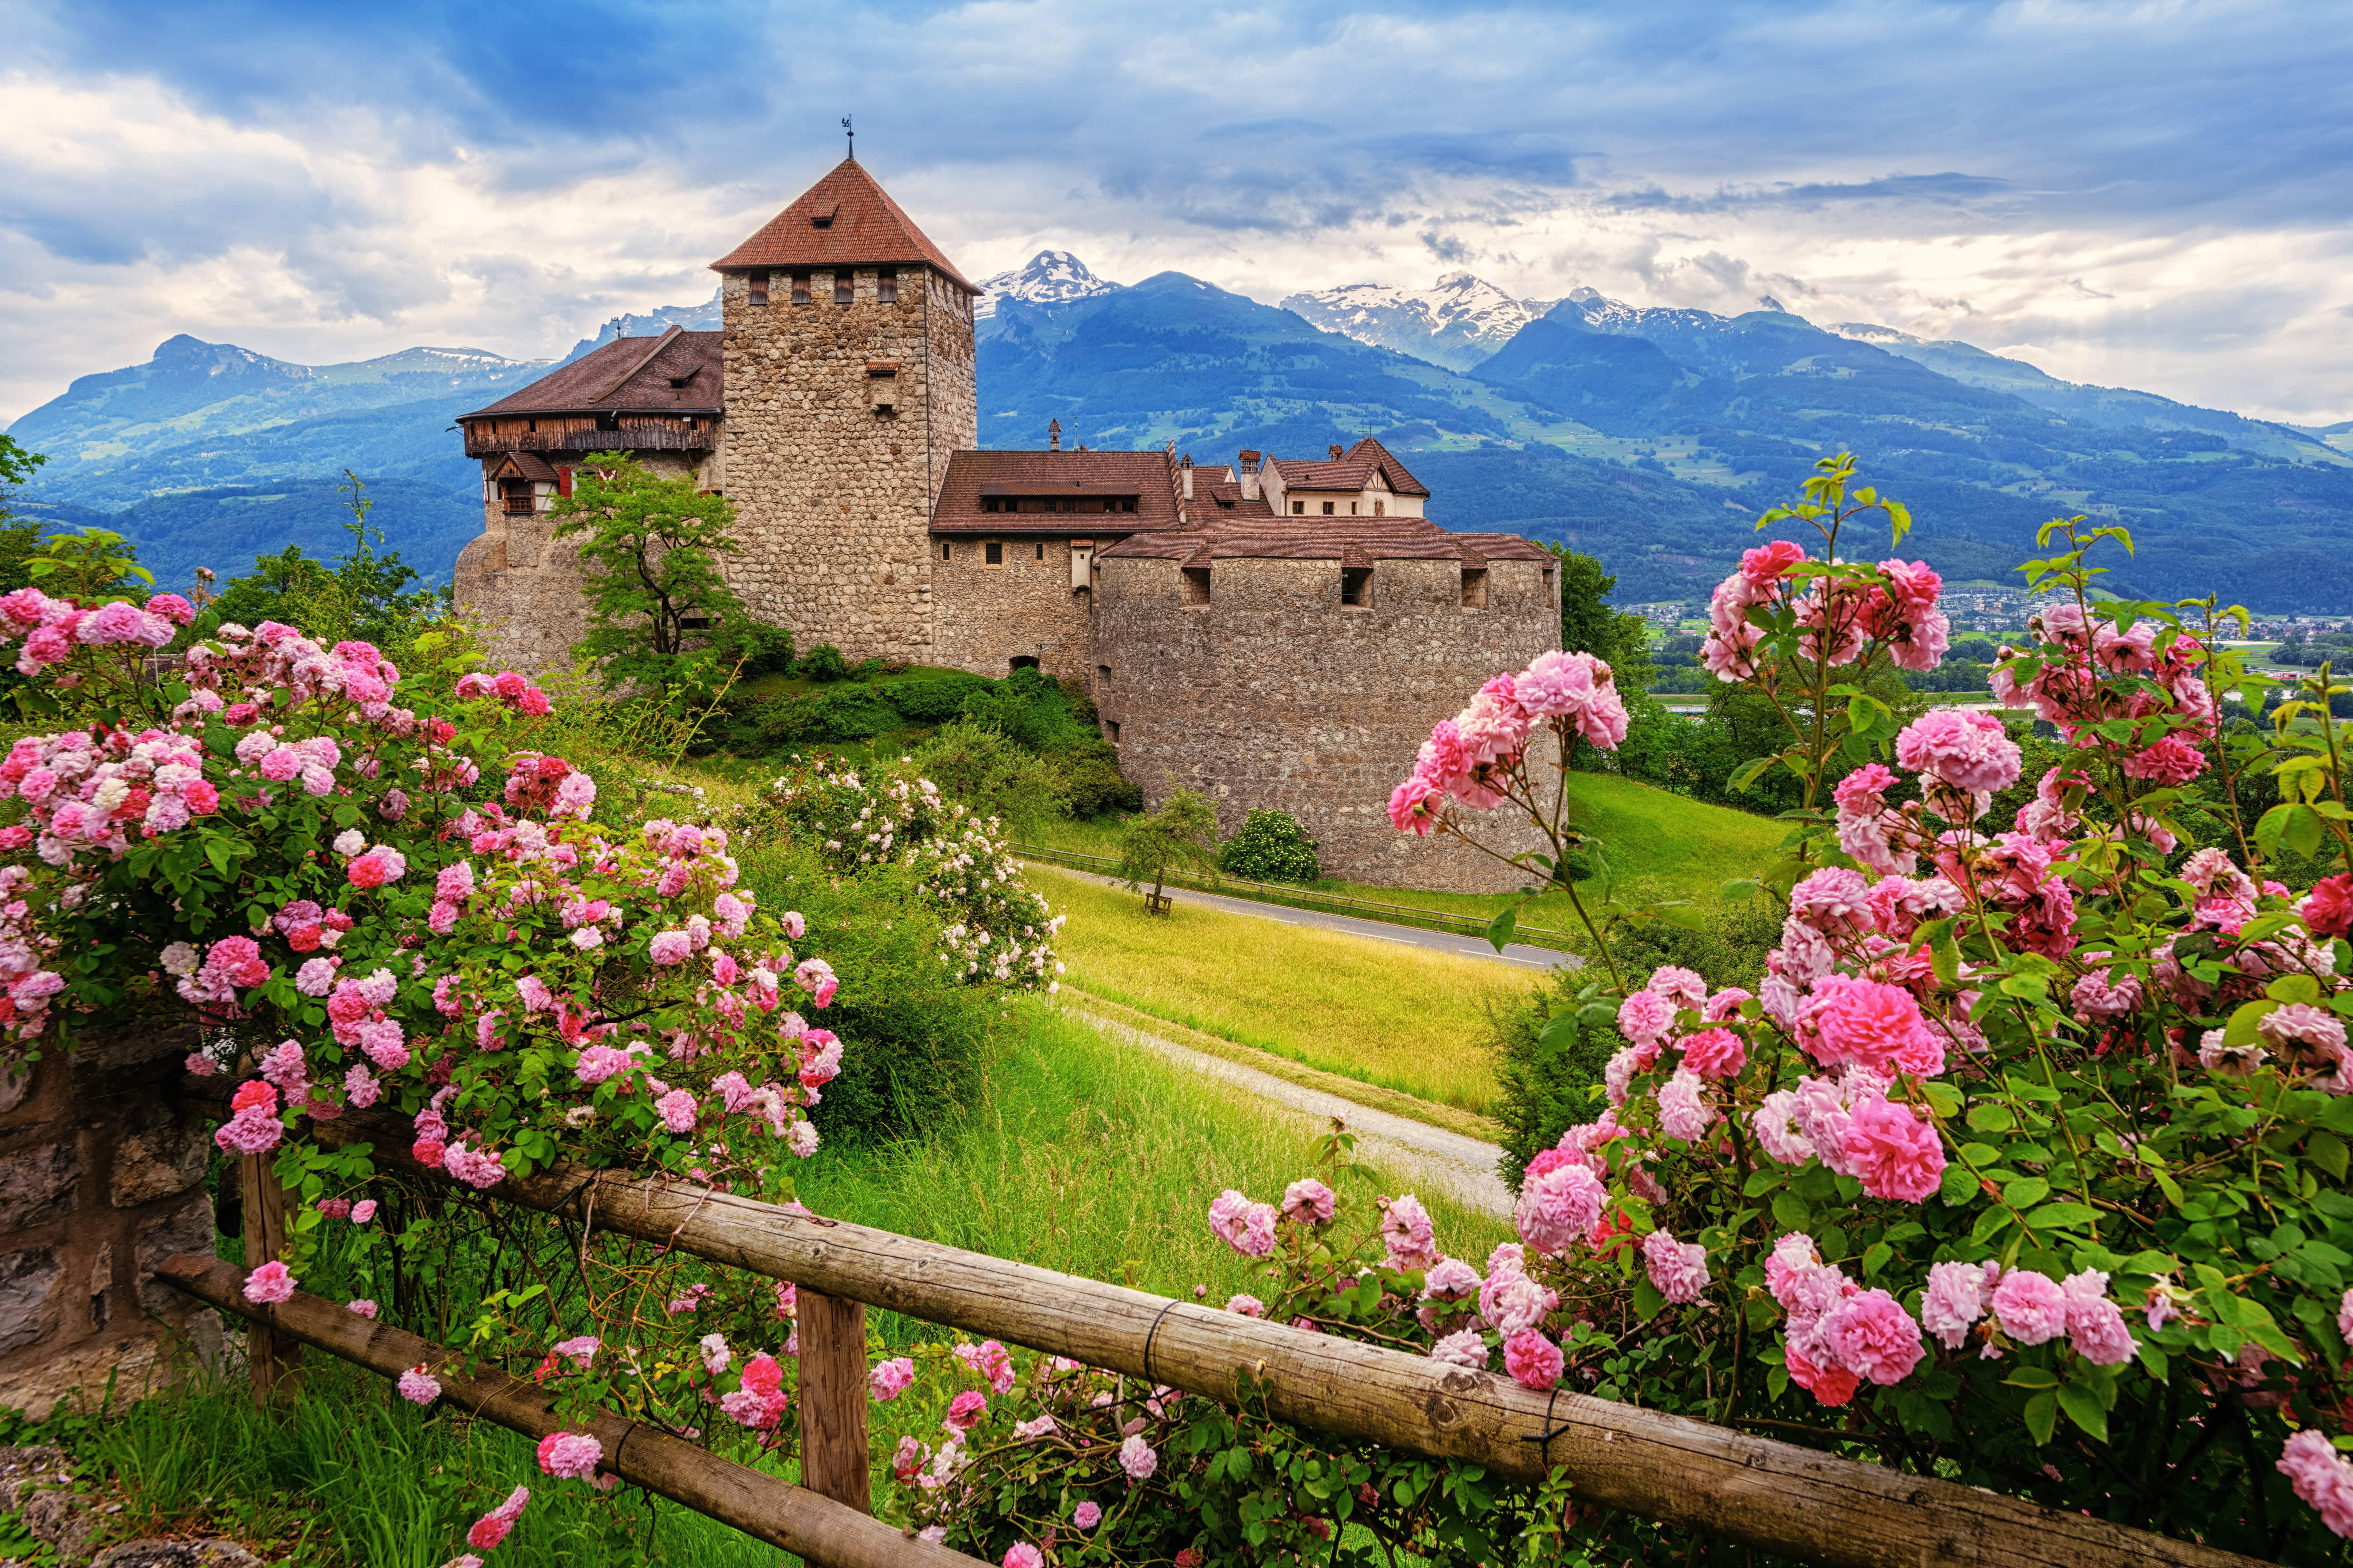 Замок Вадуц в Лихтенштейне, куда можно переехать по трудоустройству